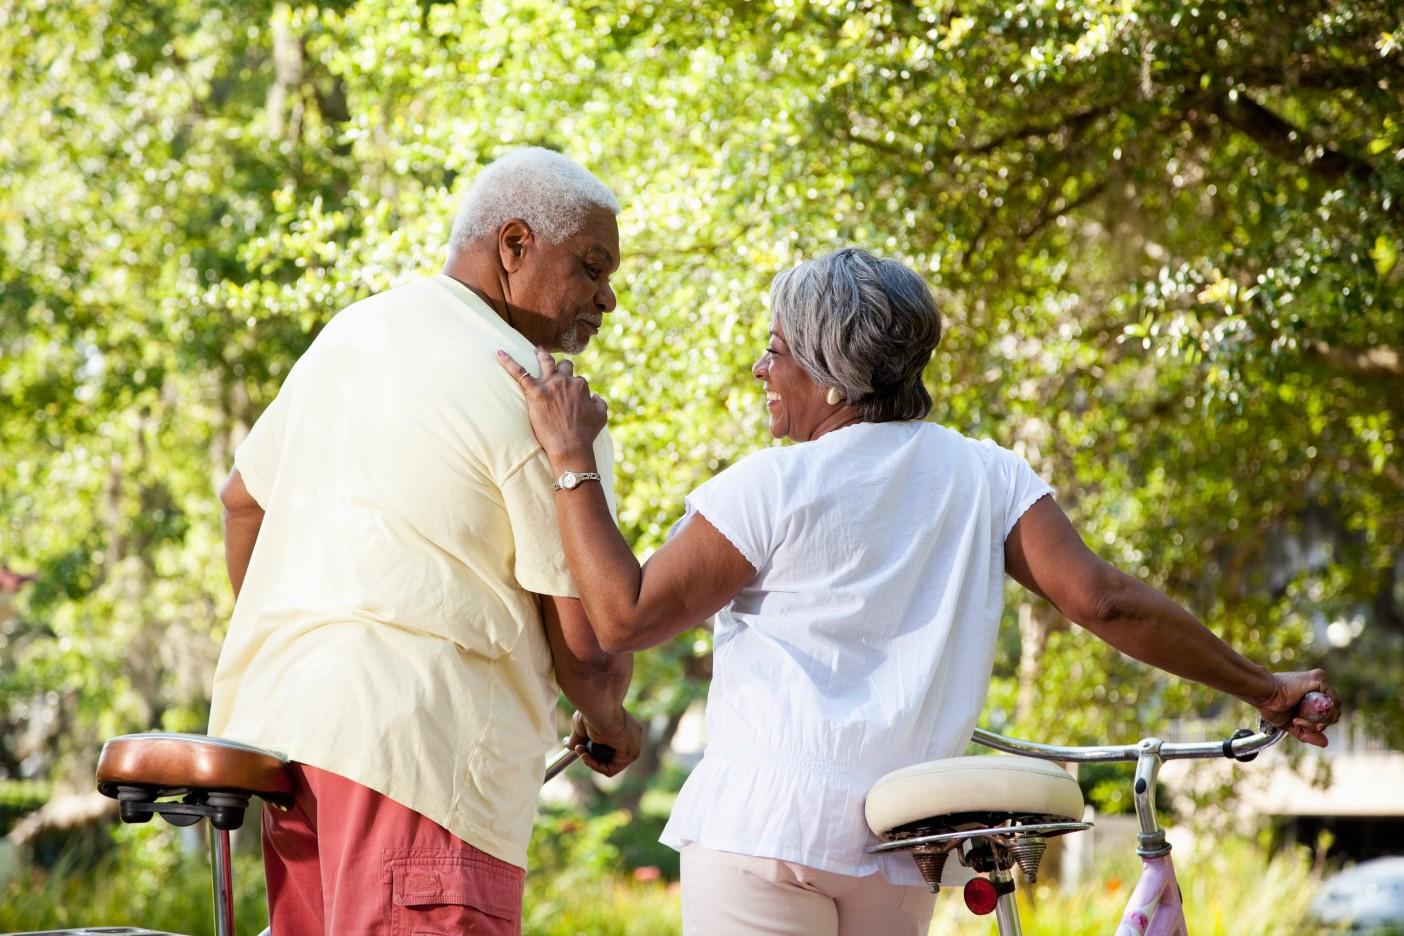 az emberek tanácsai magas vérnyomás